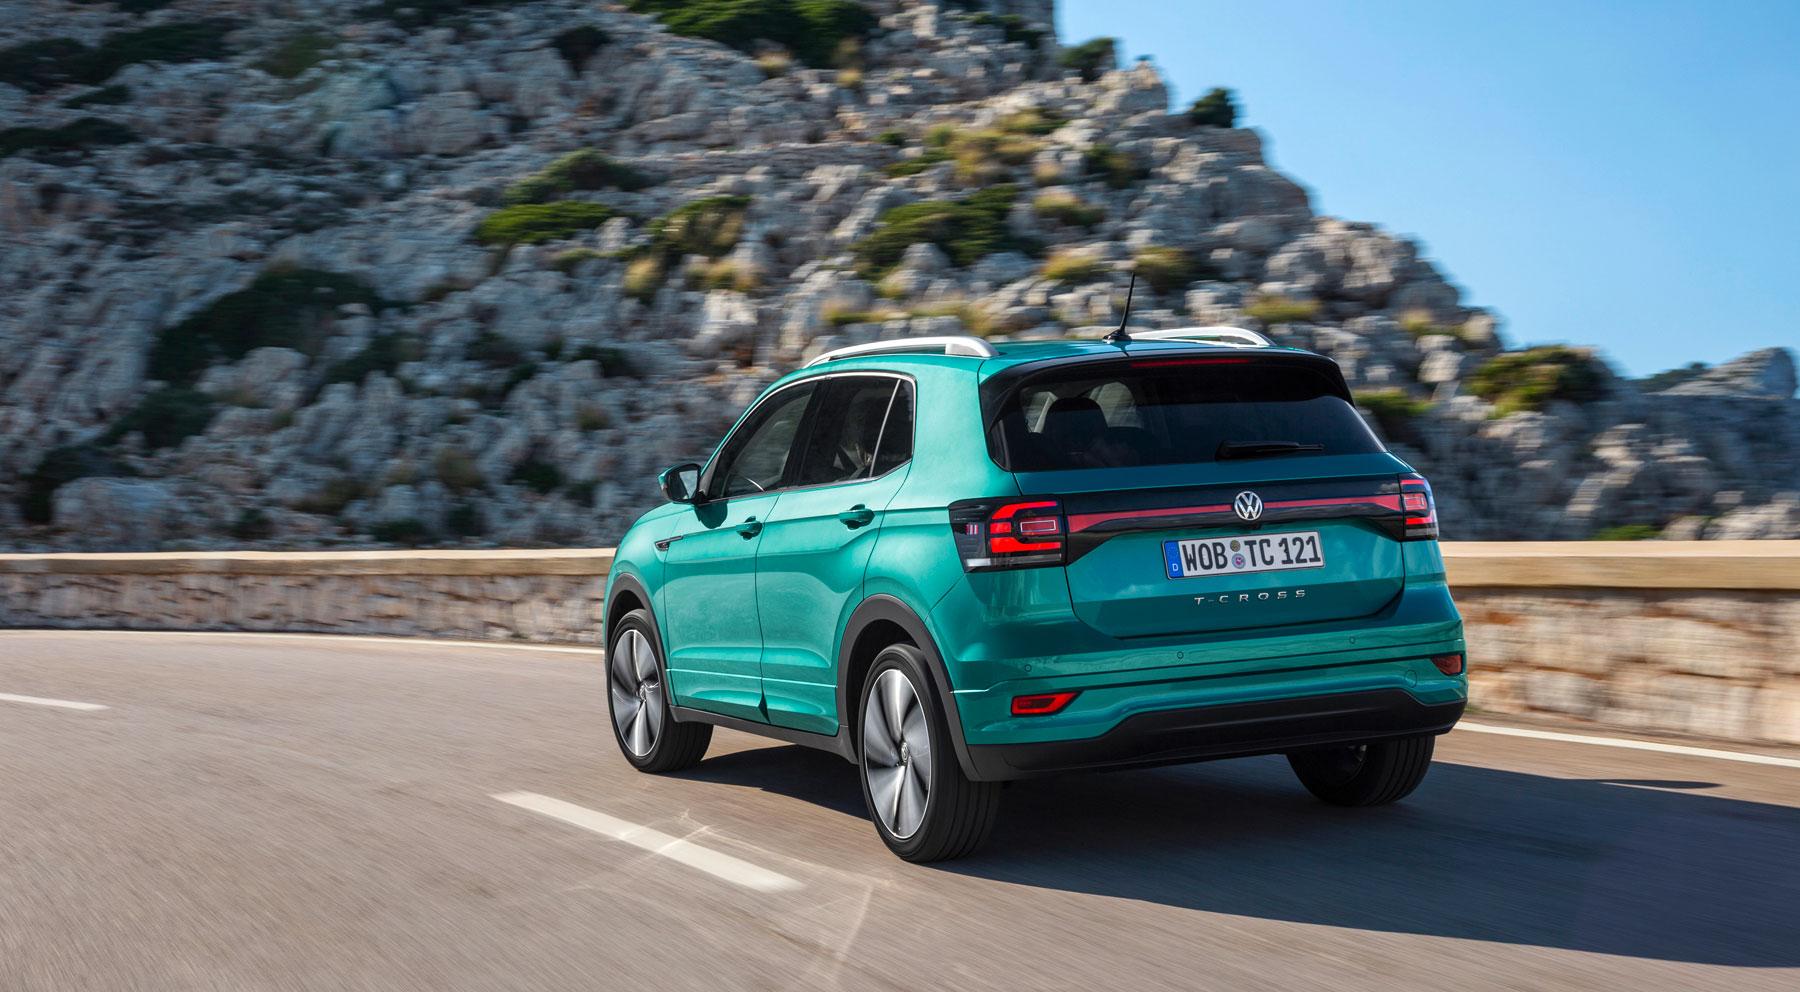 Las imágenes del nuevo Volkswagen T-Cross